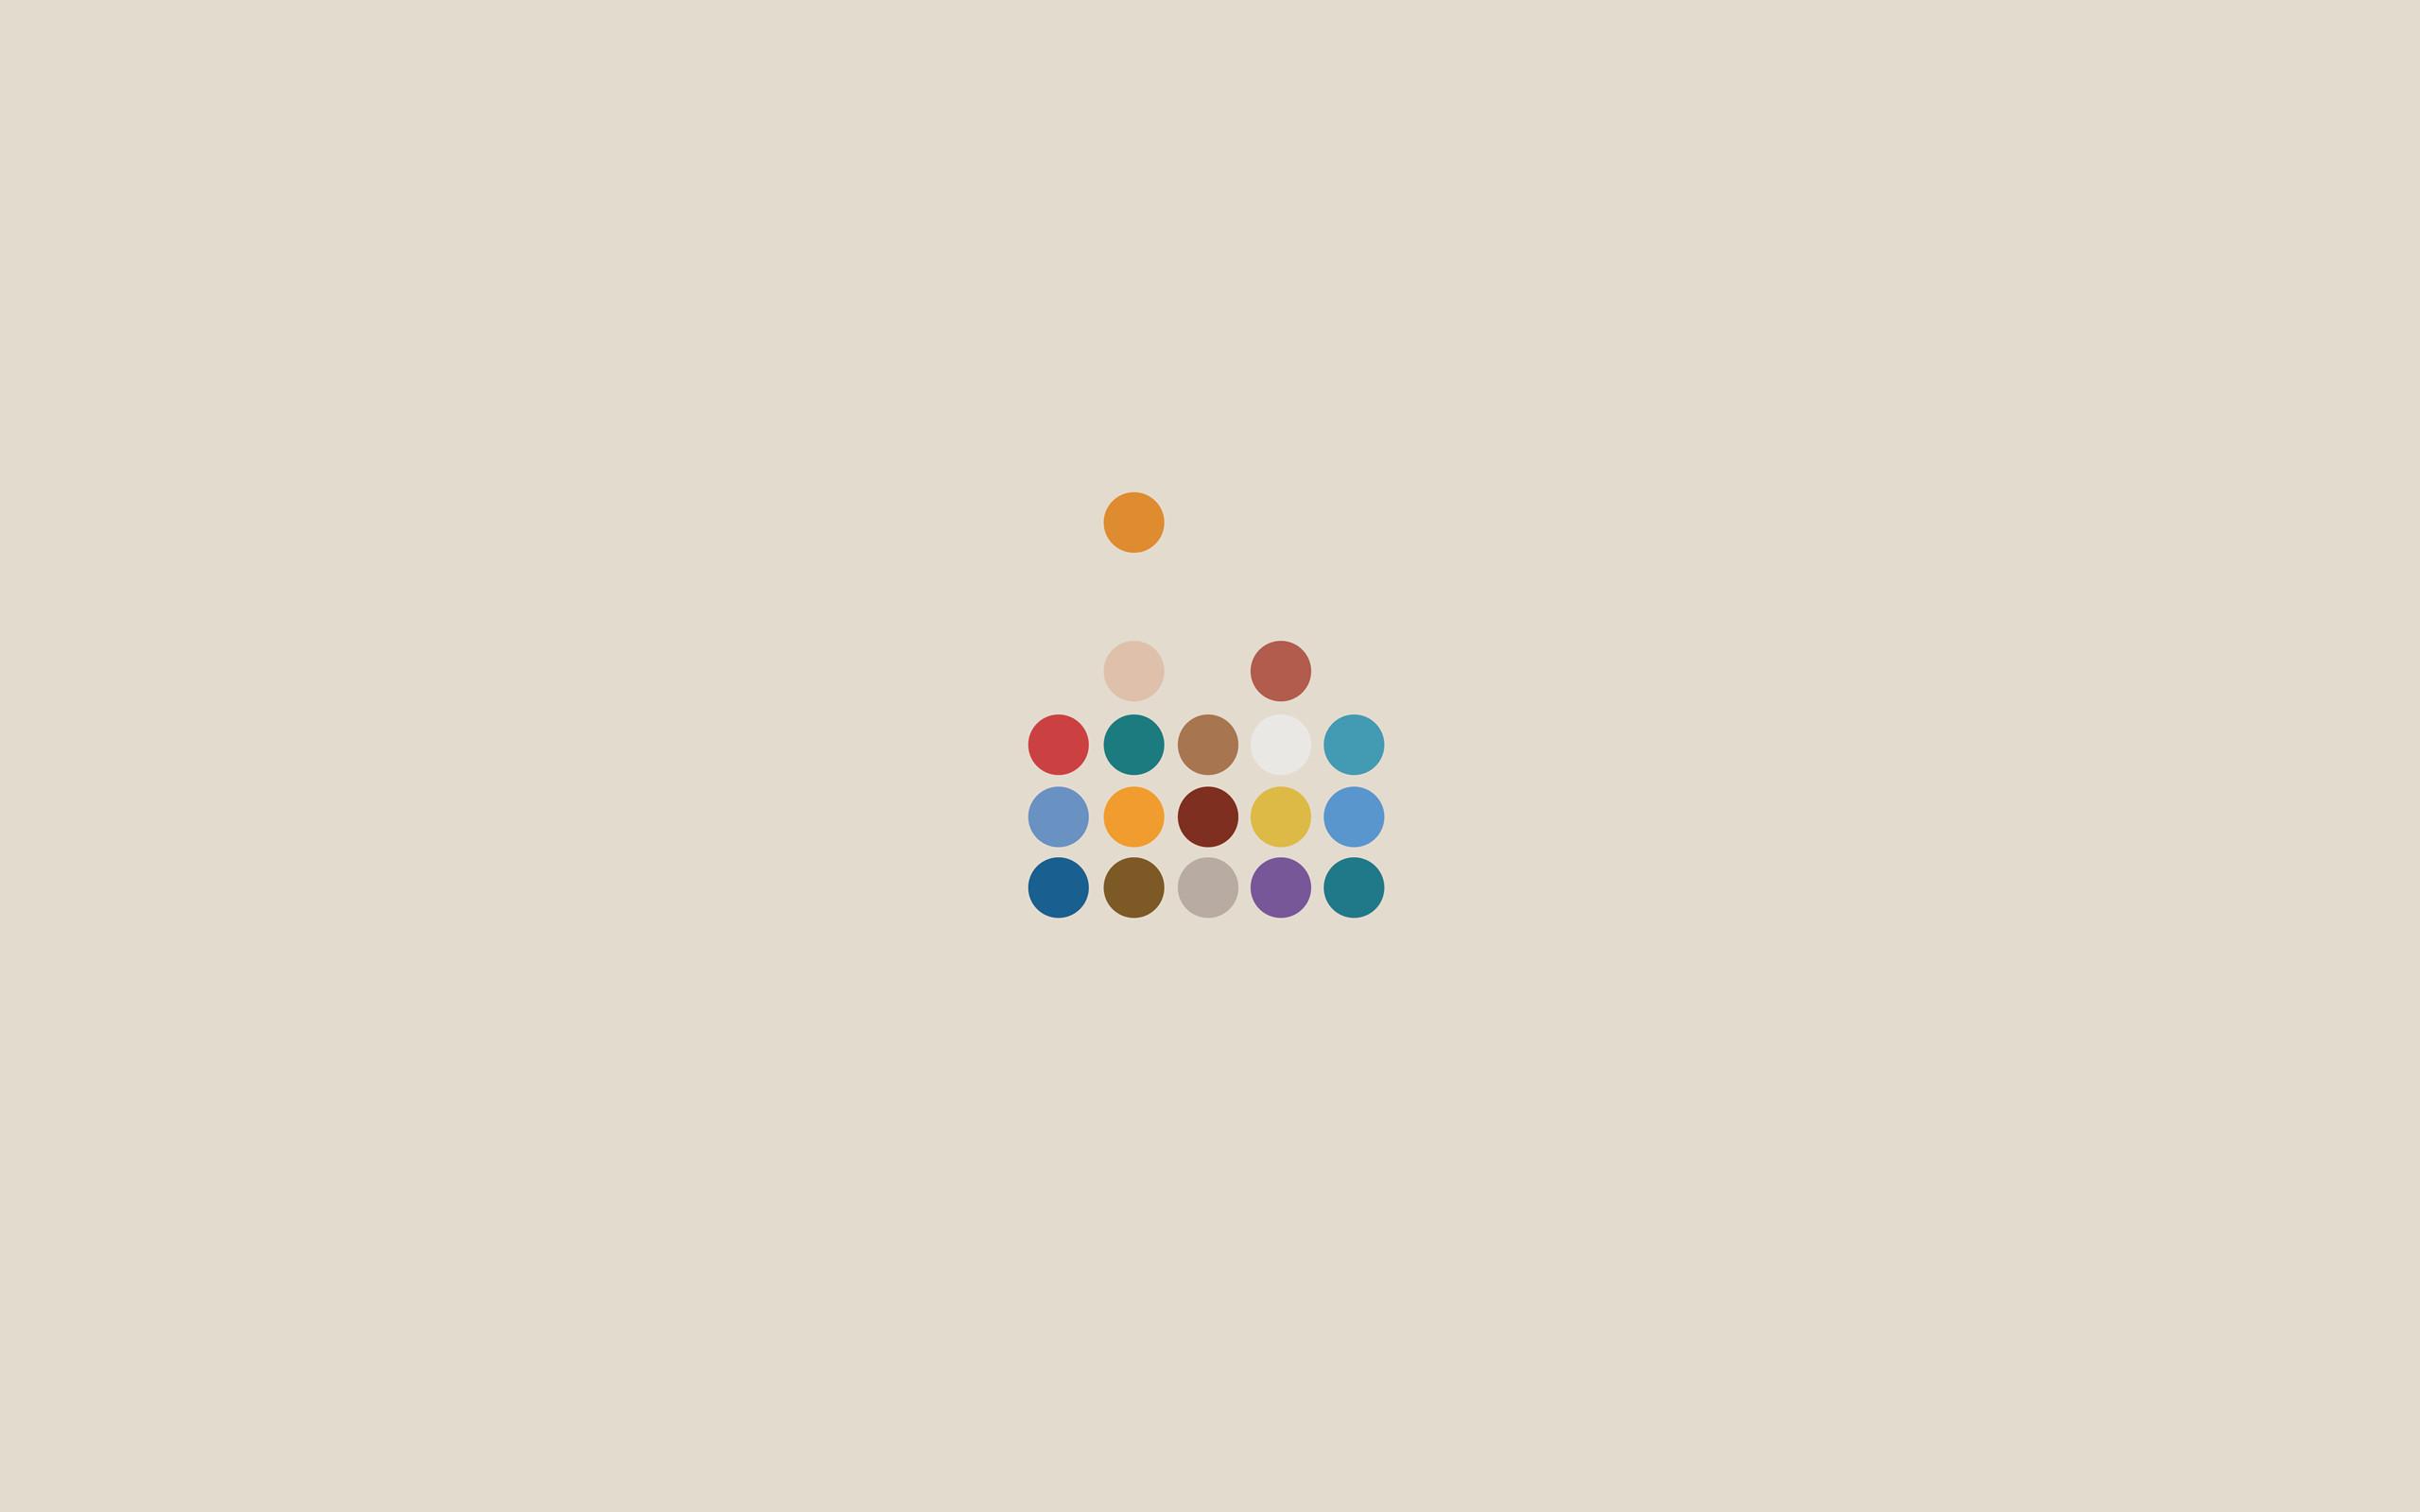 Download-Minimalist-Background-Free